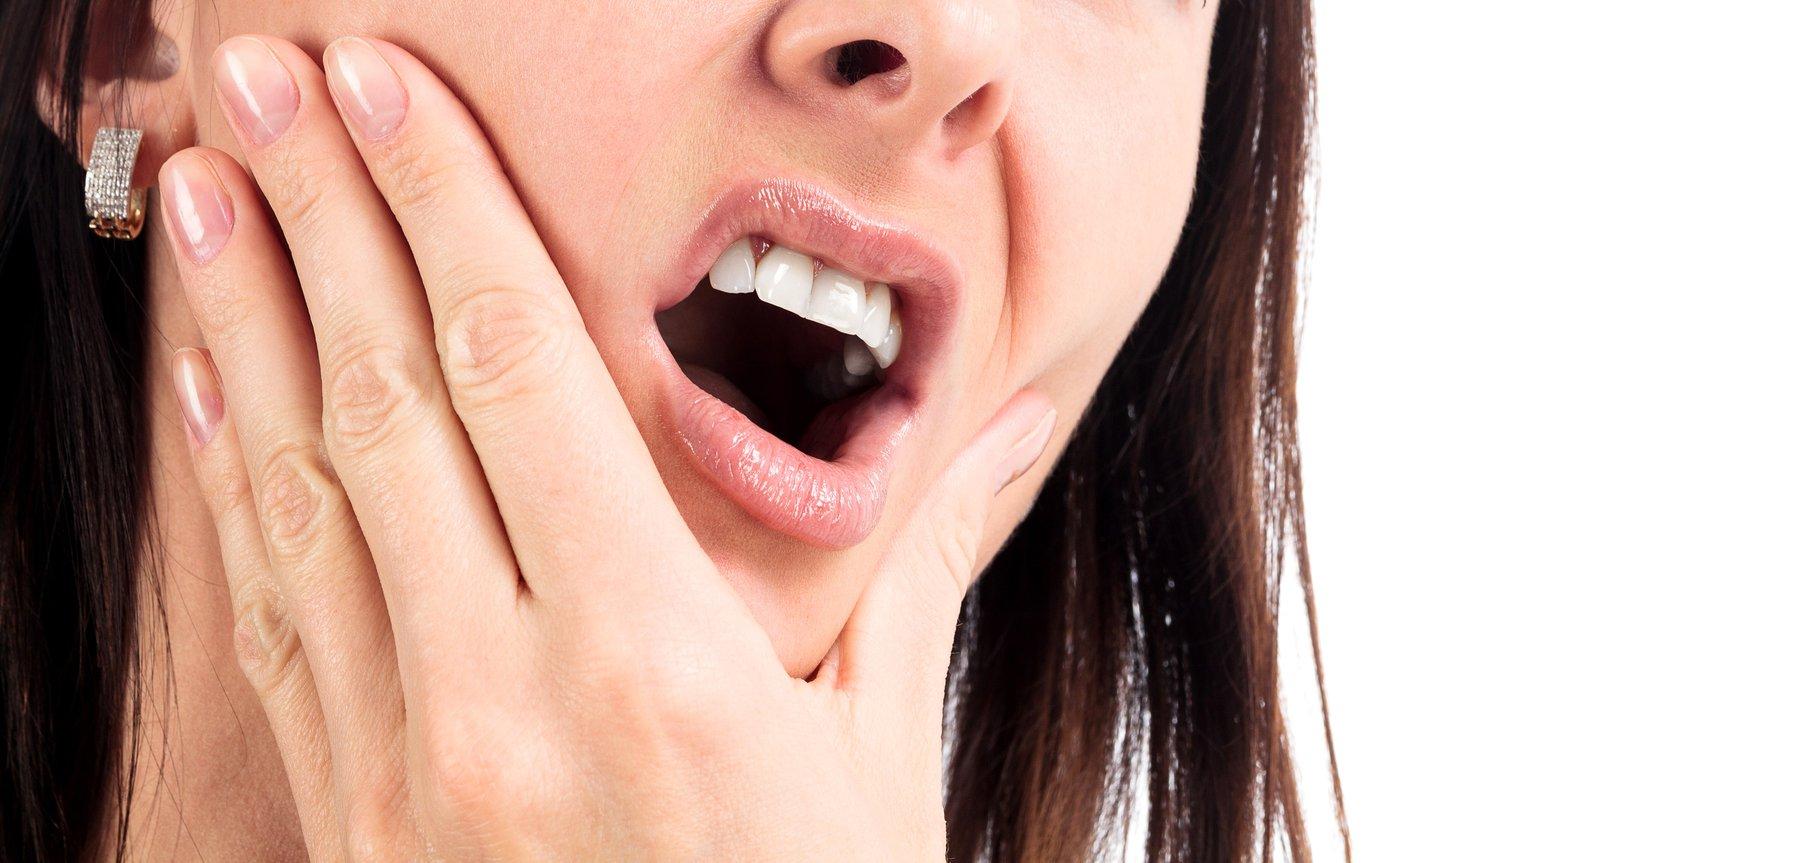 Tụt lợi buốt răng là gì? Địa chỉ uy tín chữa tụt lợi buốt răng